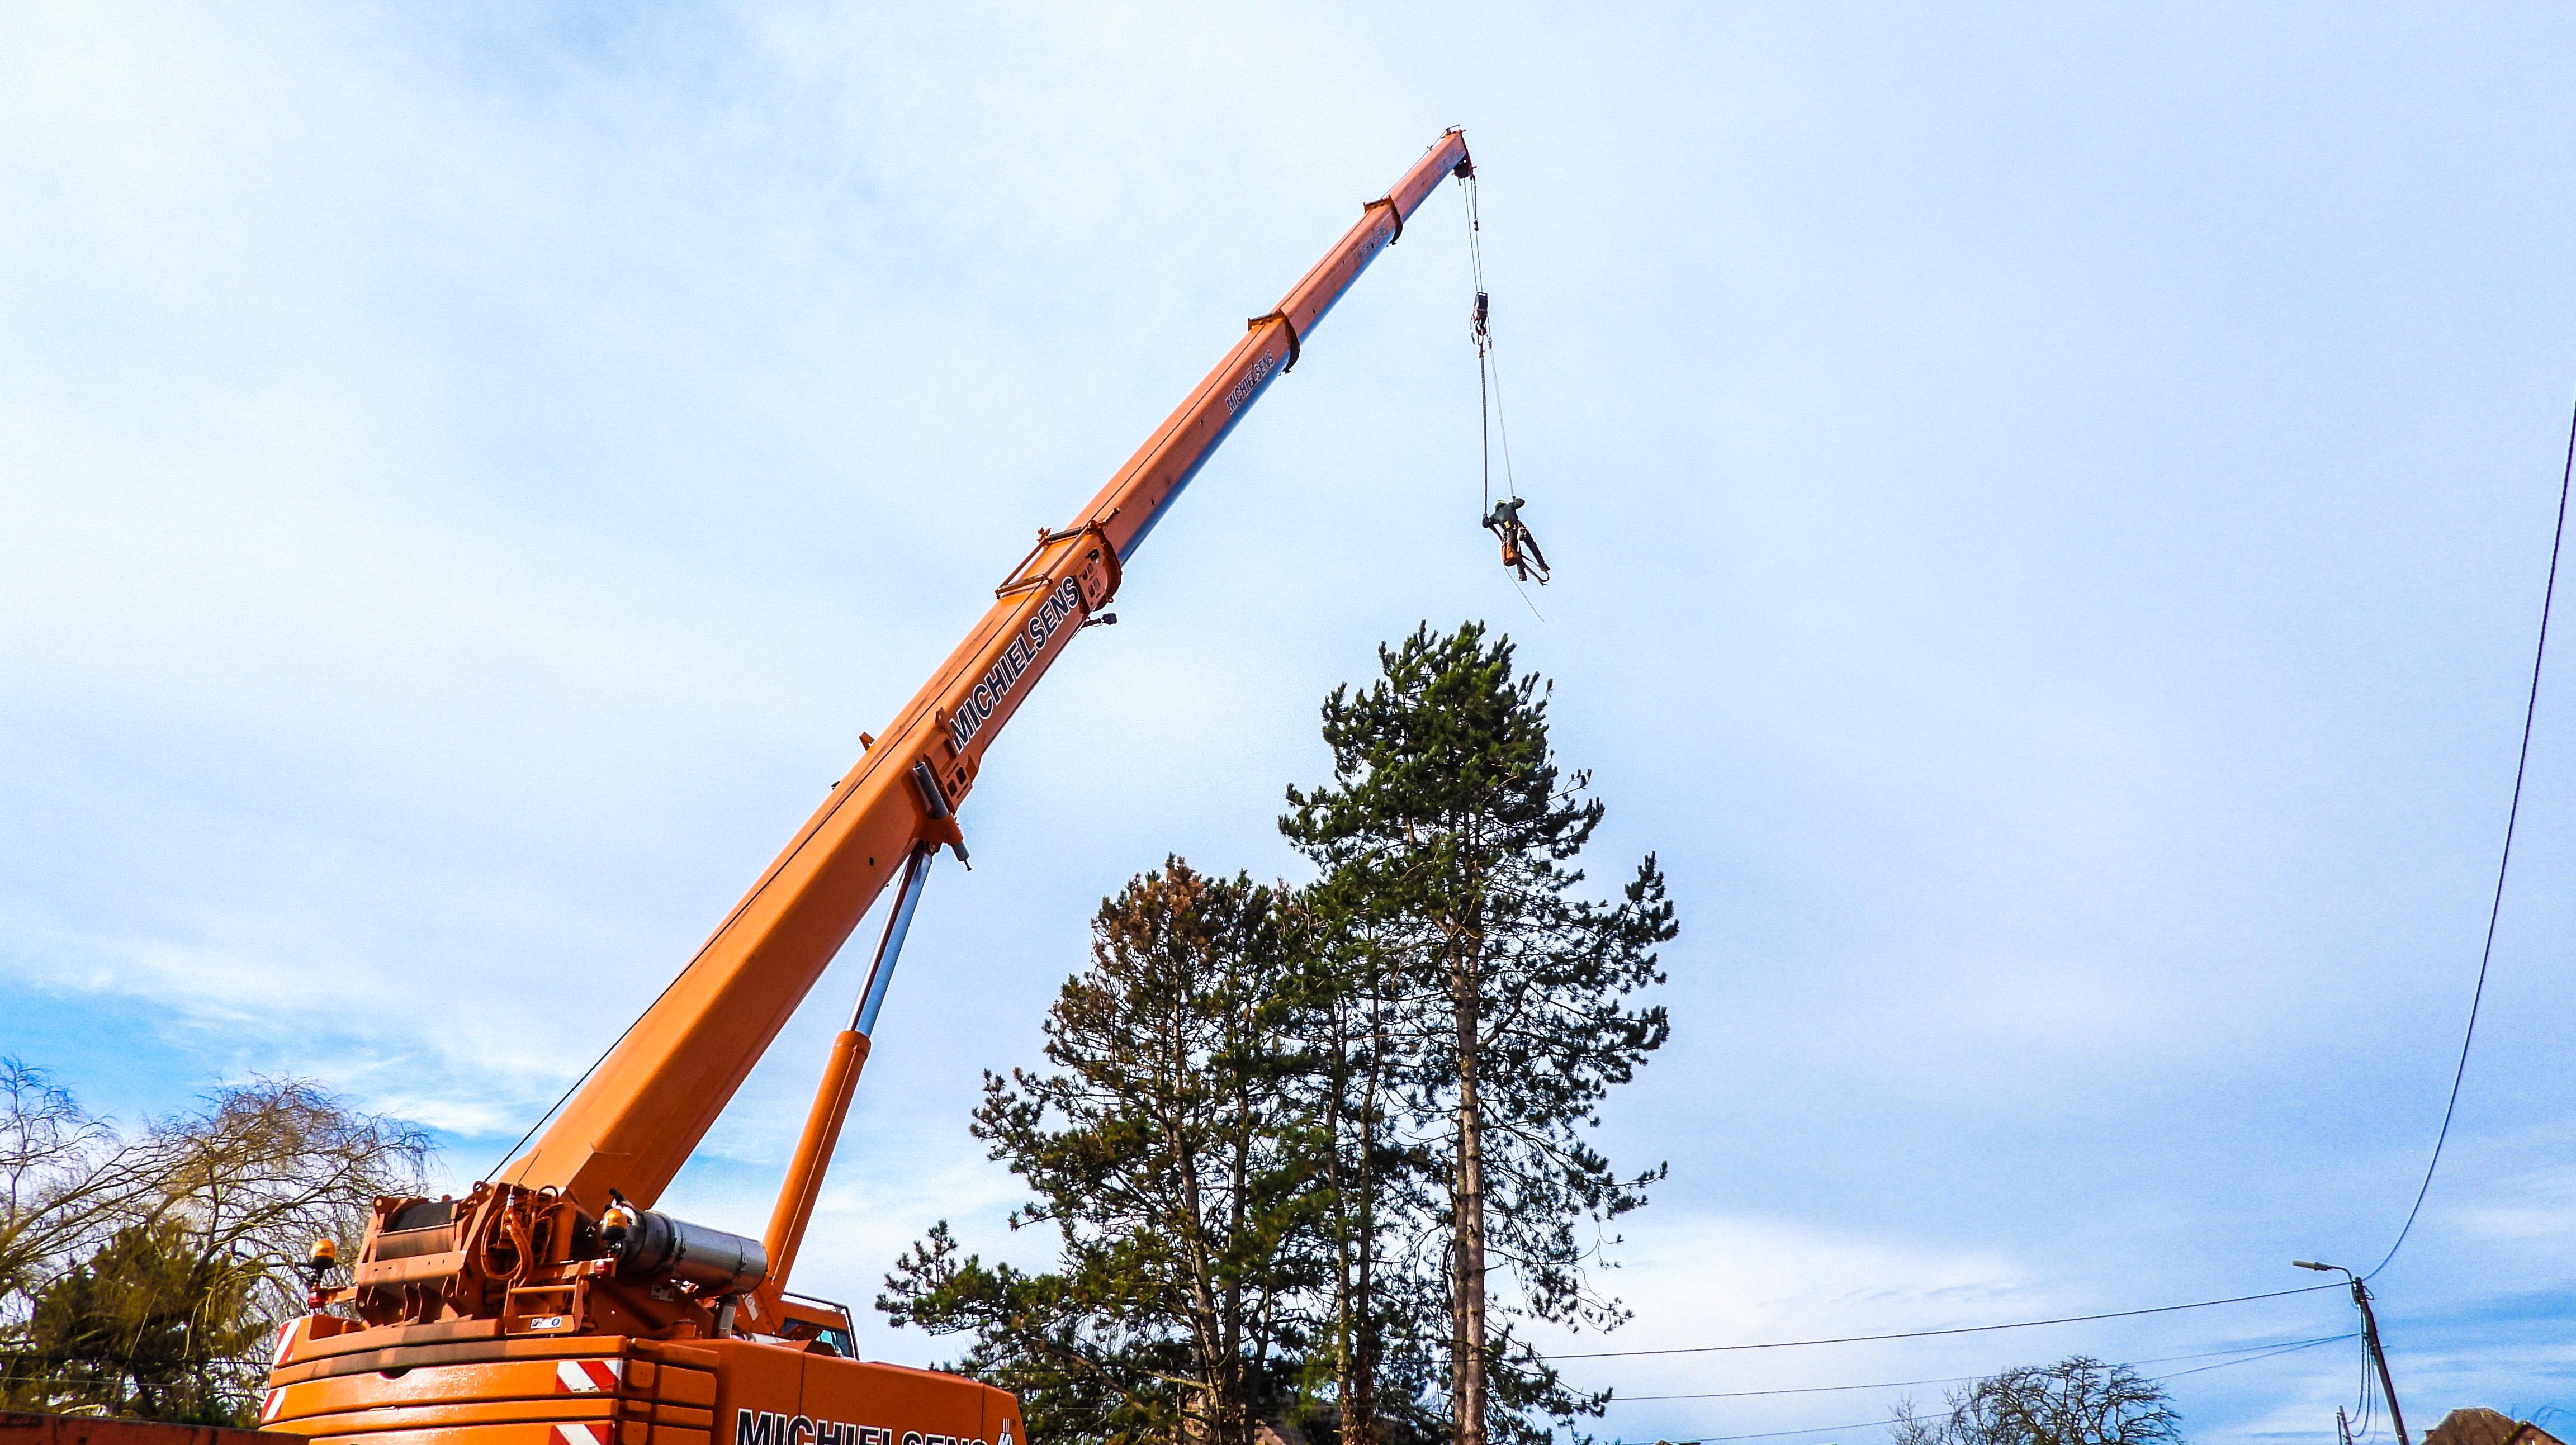 Afbreken bomen met kraantechnieken (januari 2022)